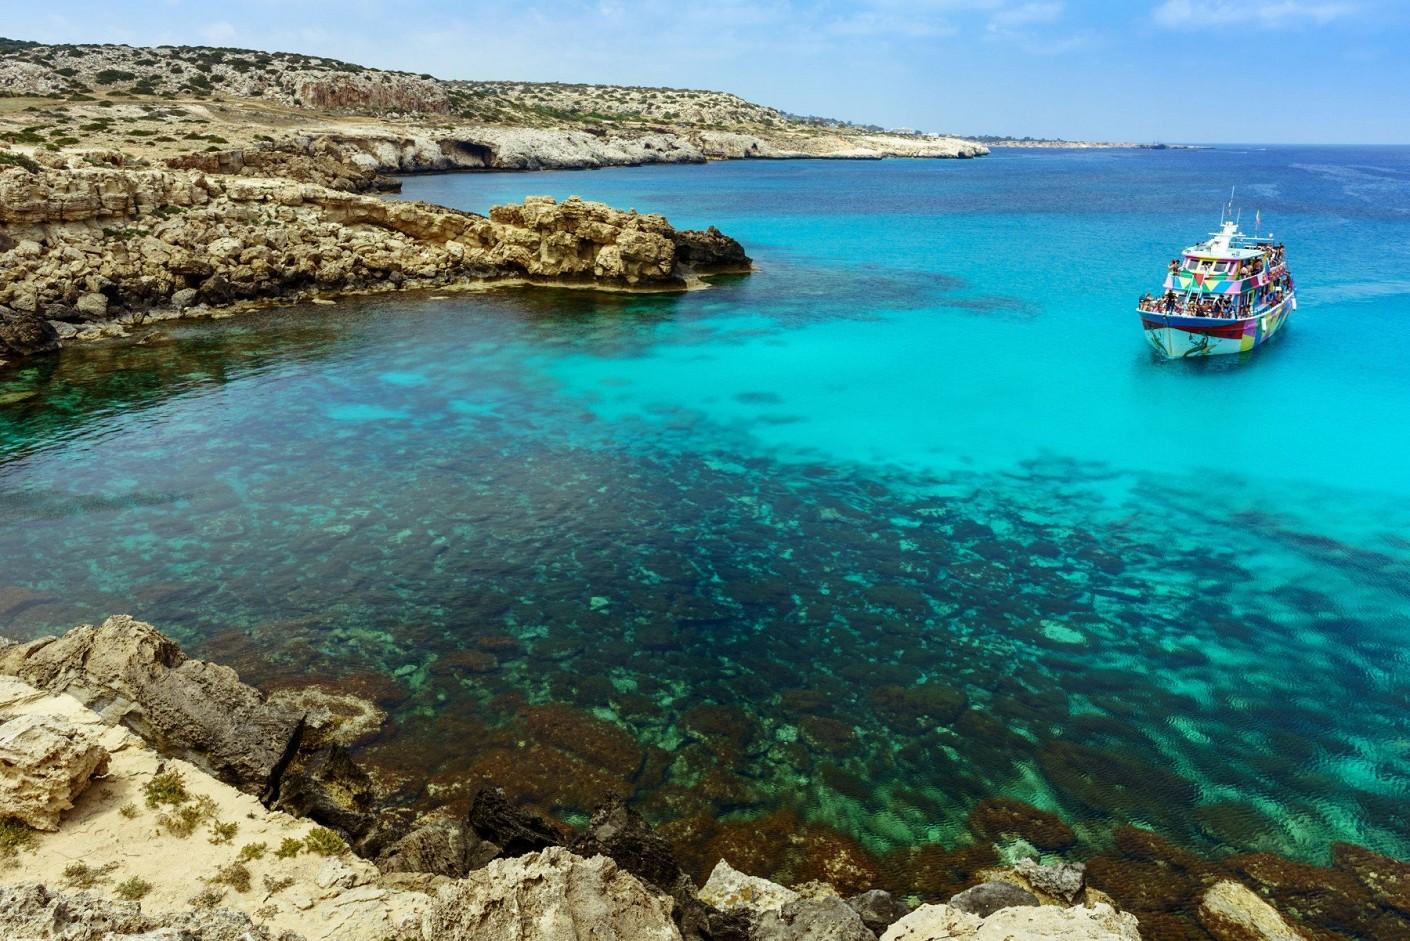 Ką verta žinoti prieš vykstant į Kiprą?